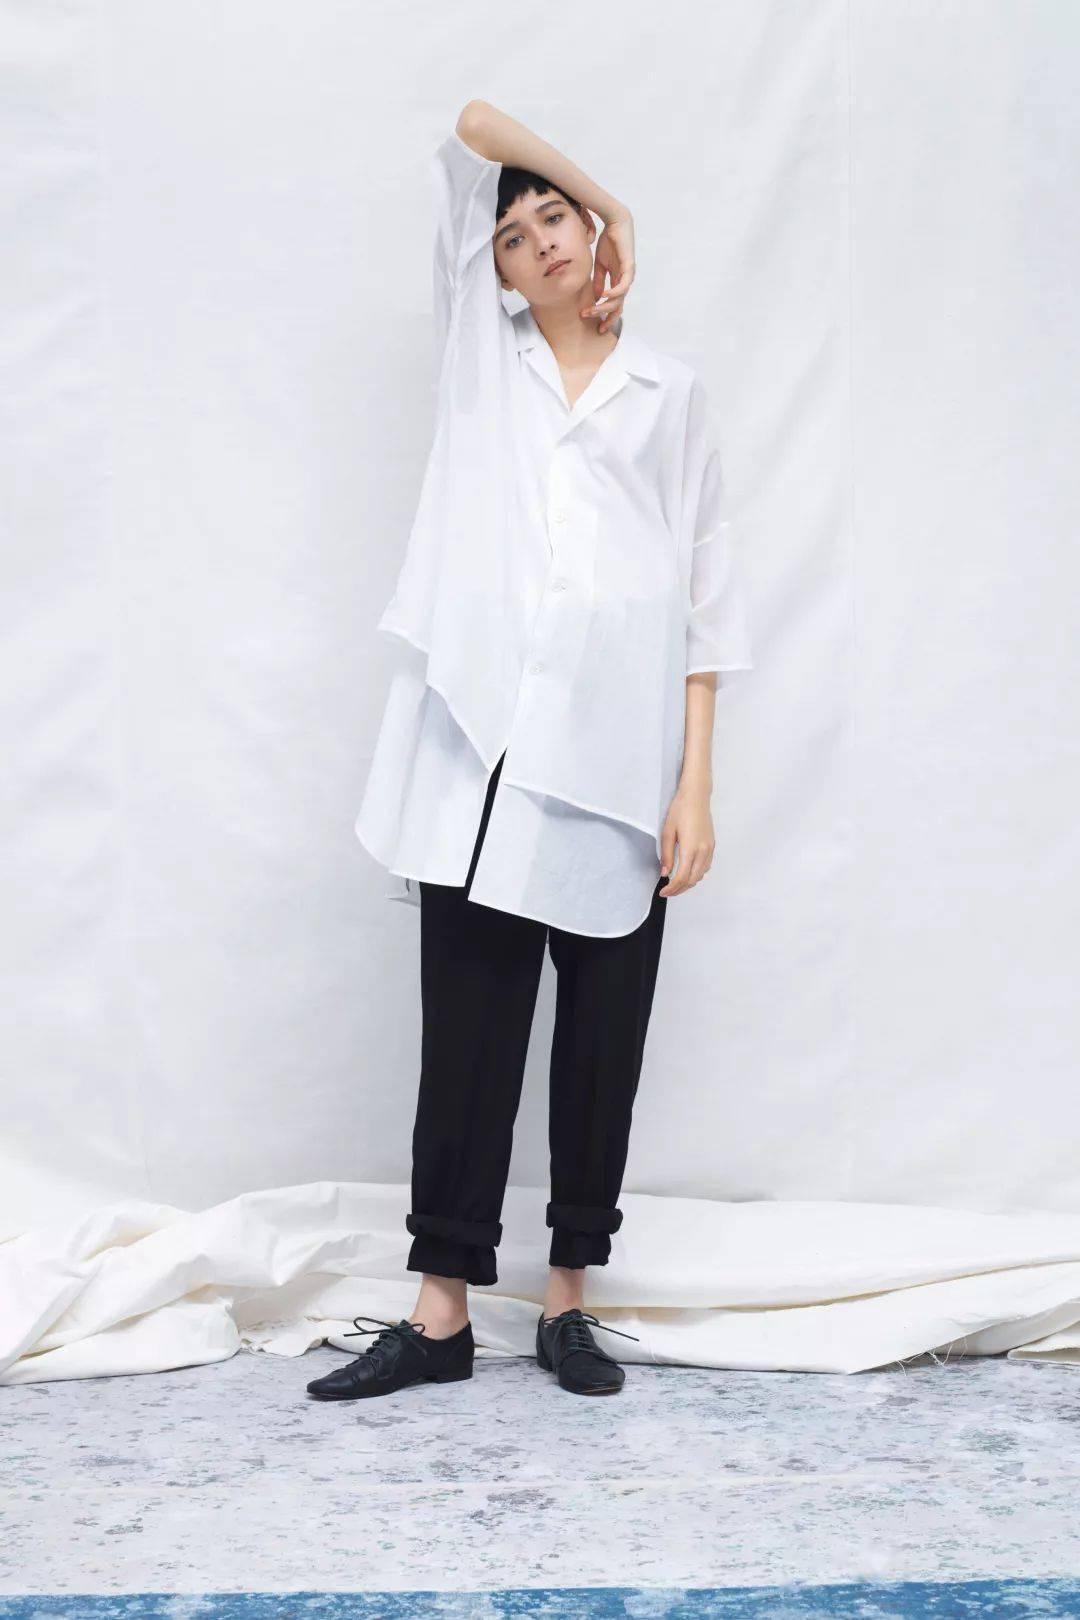 换季穿白衬衫,太太太气质了!